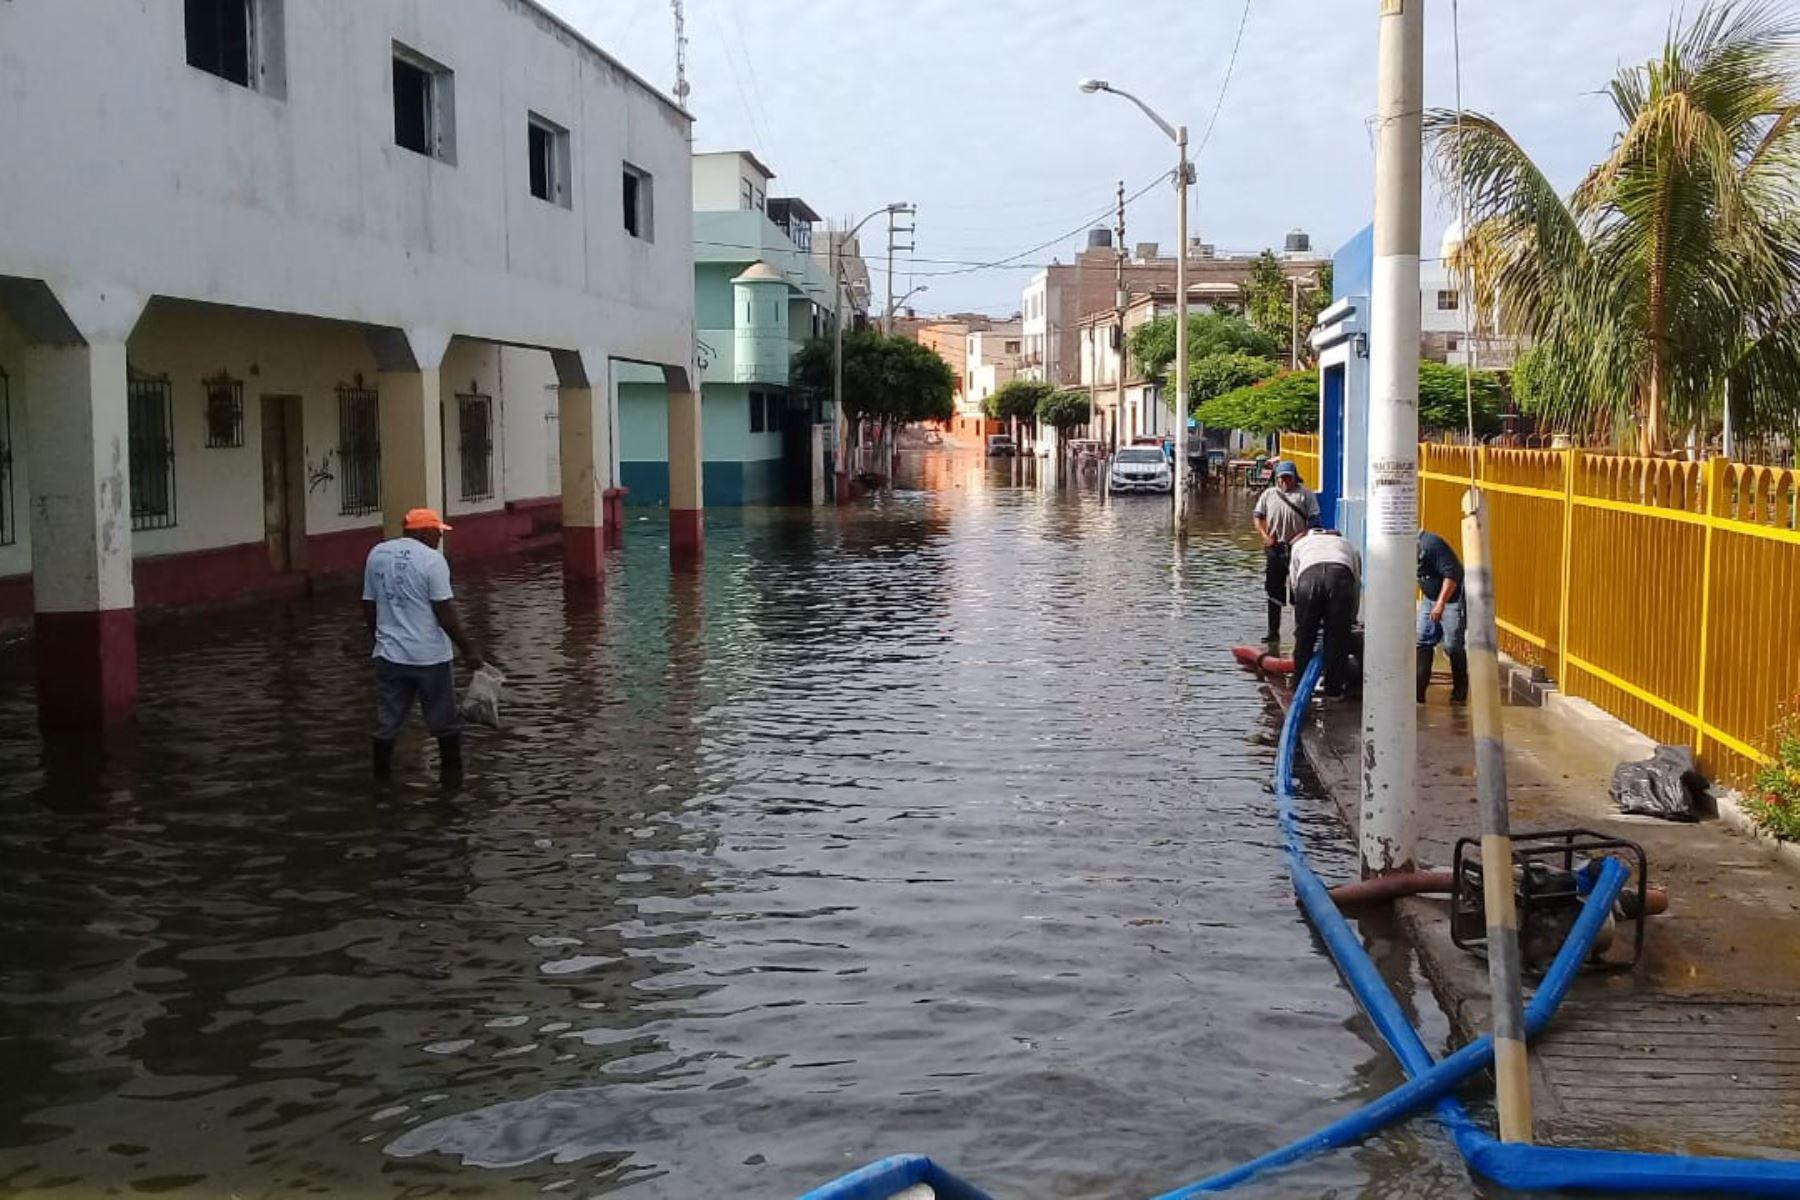 Más de 200 familias de Pacasmayo afectadas por la inundación de sus viviendas a causa del desborde de un canal. ANDINA/Difusión